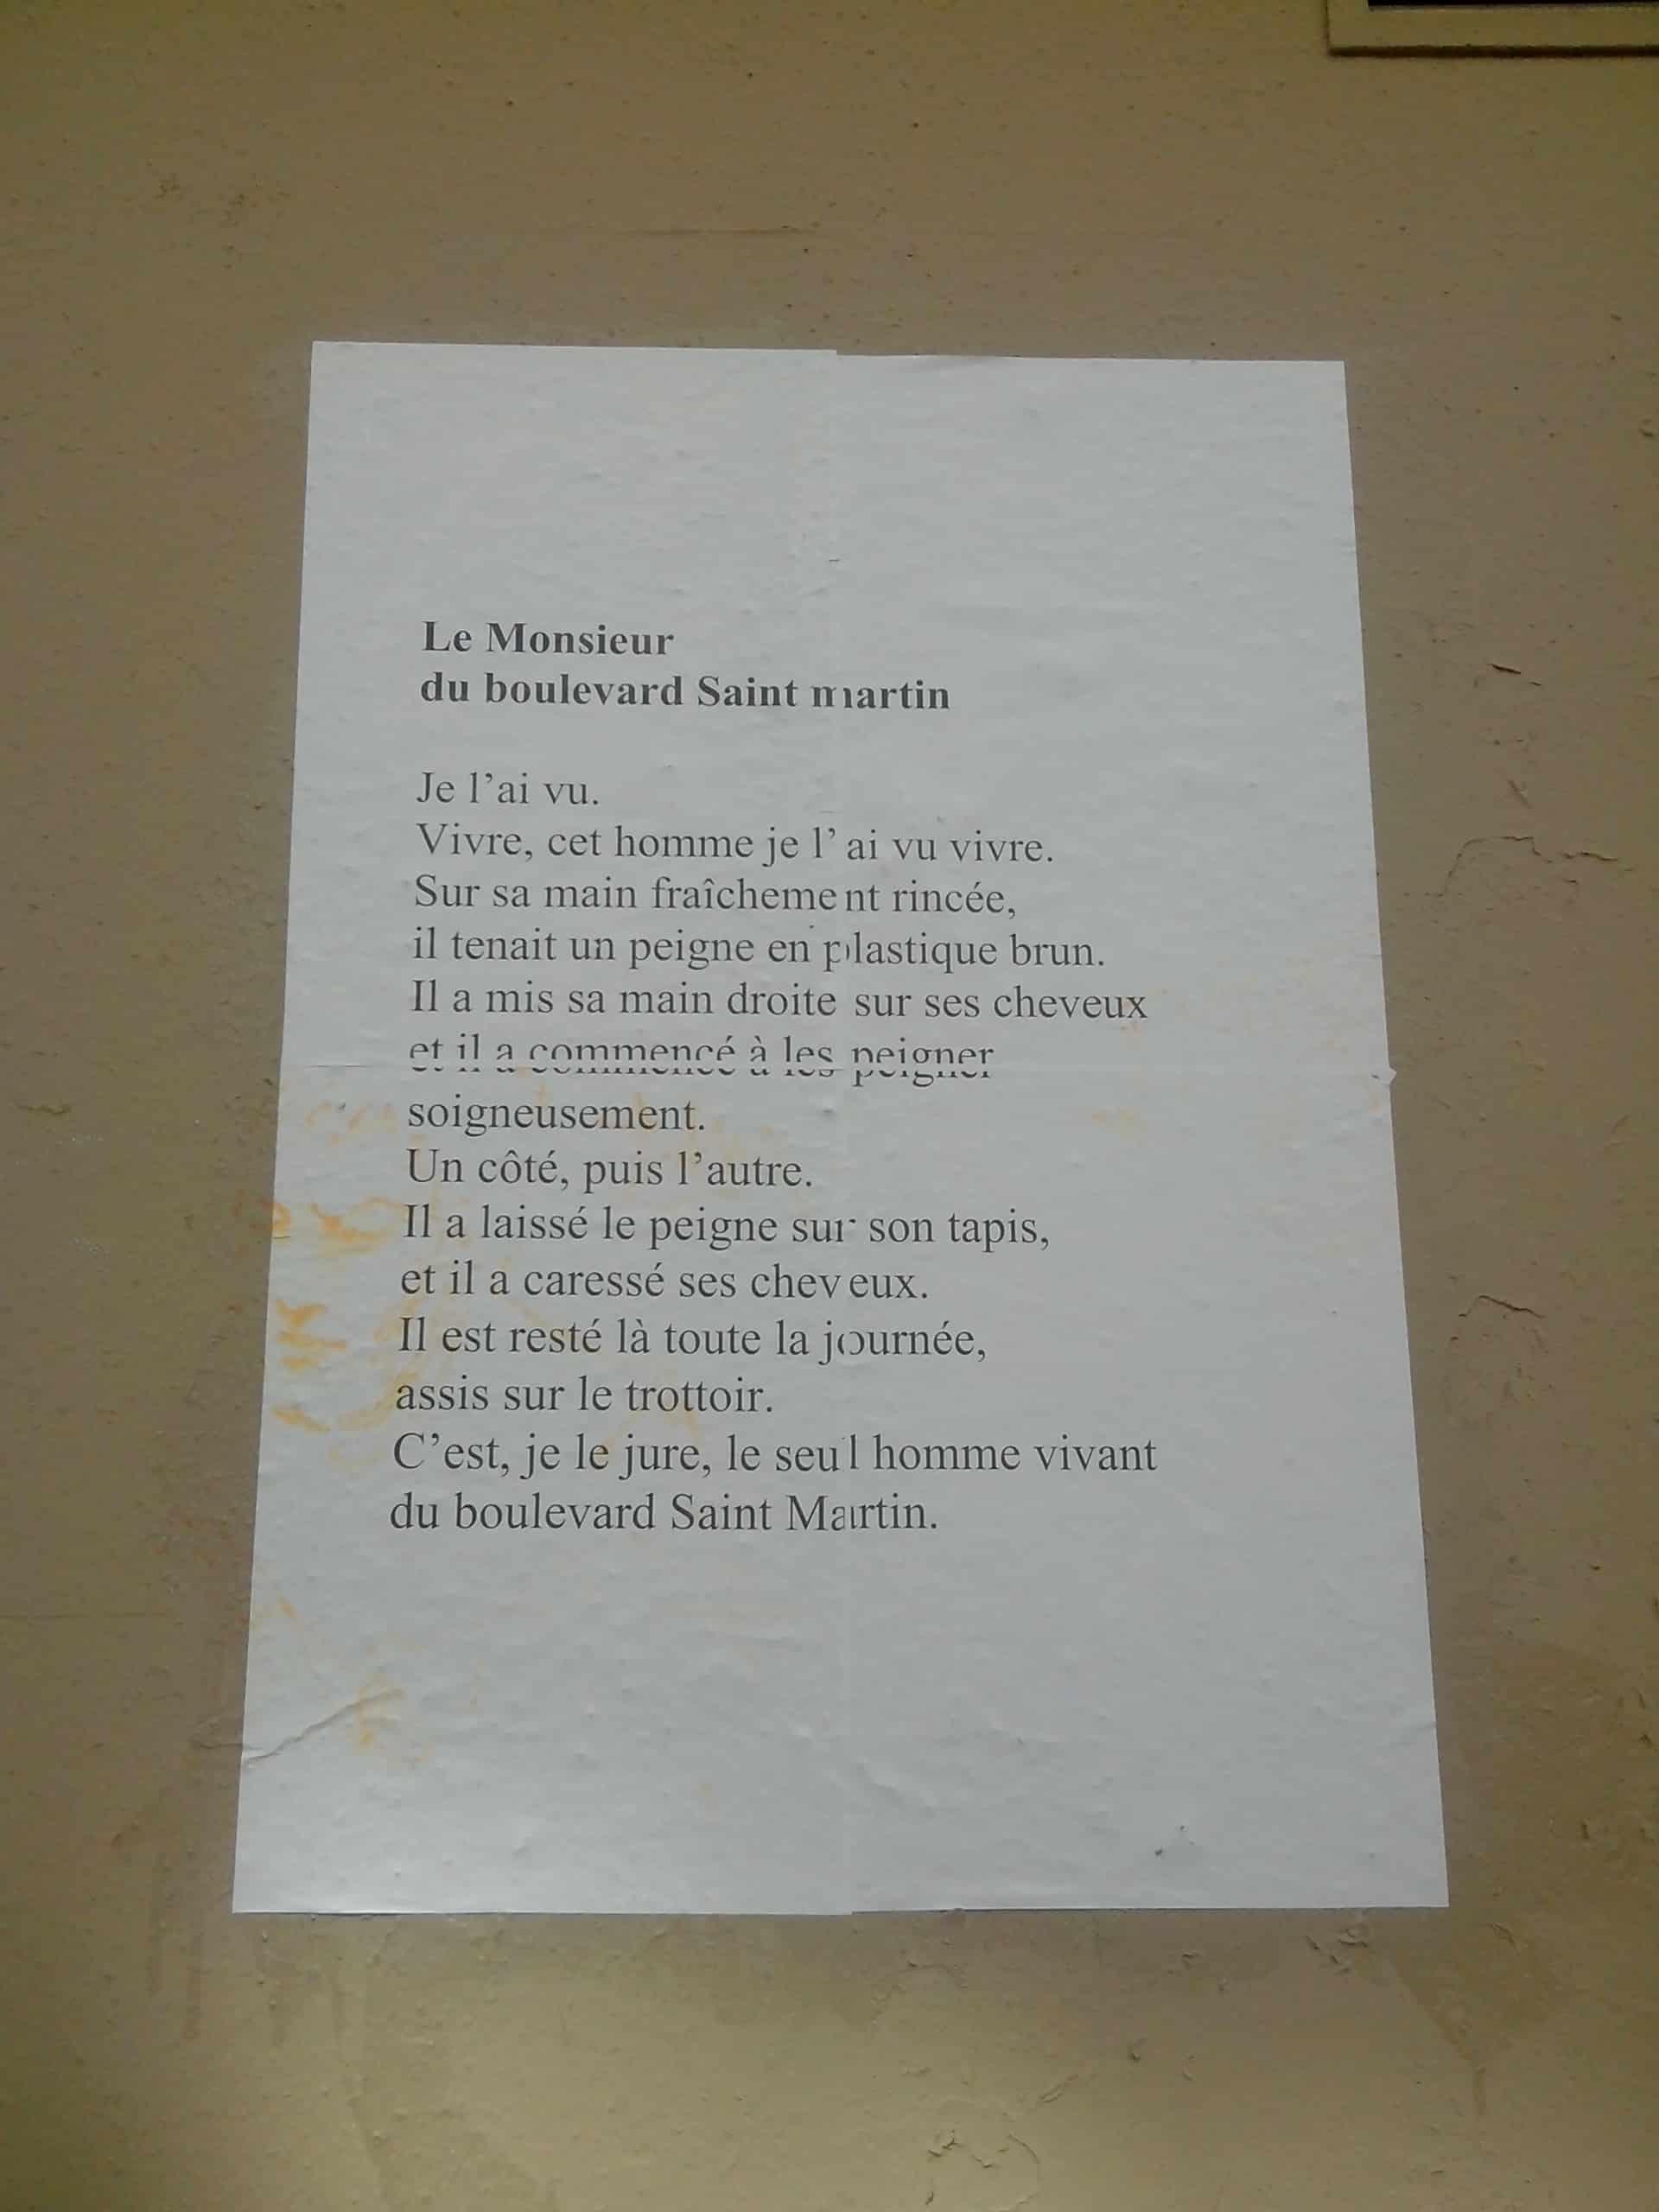 le monsieur du boulevard saint martin, nathalie man, poésie, murs, paris, 19